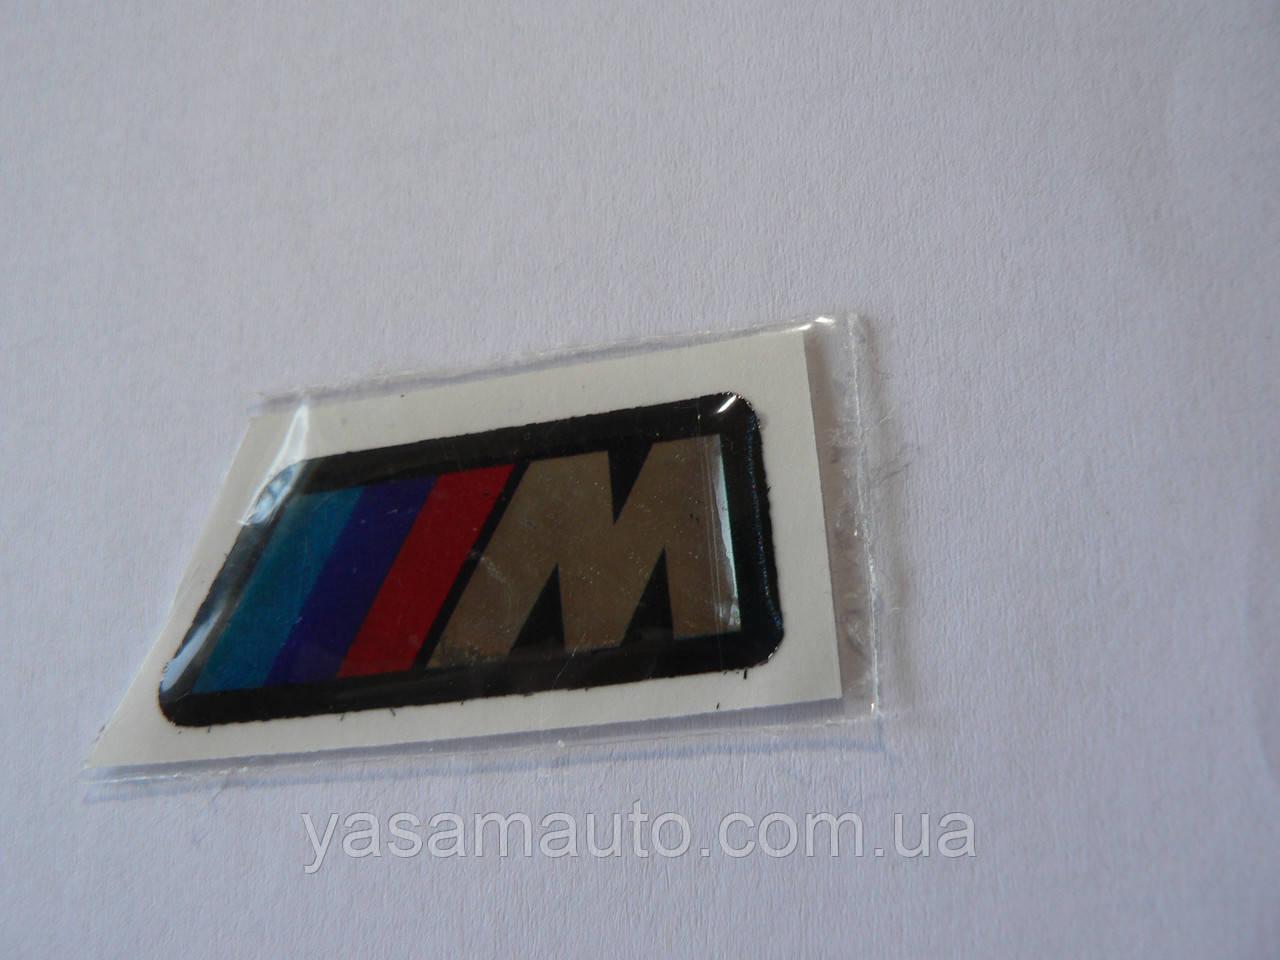 Наклейка s силиконовая надпись BMW 3M три полосы /// М трапеция 39х16х1мм силикон  на авто БМВ со скосом